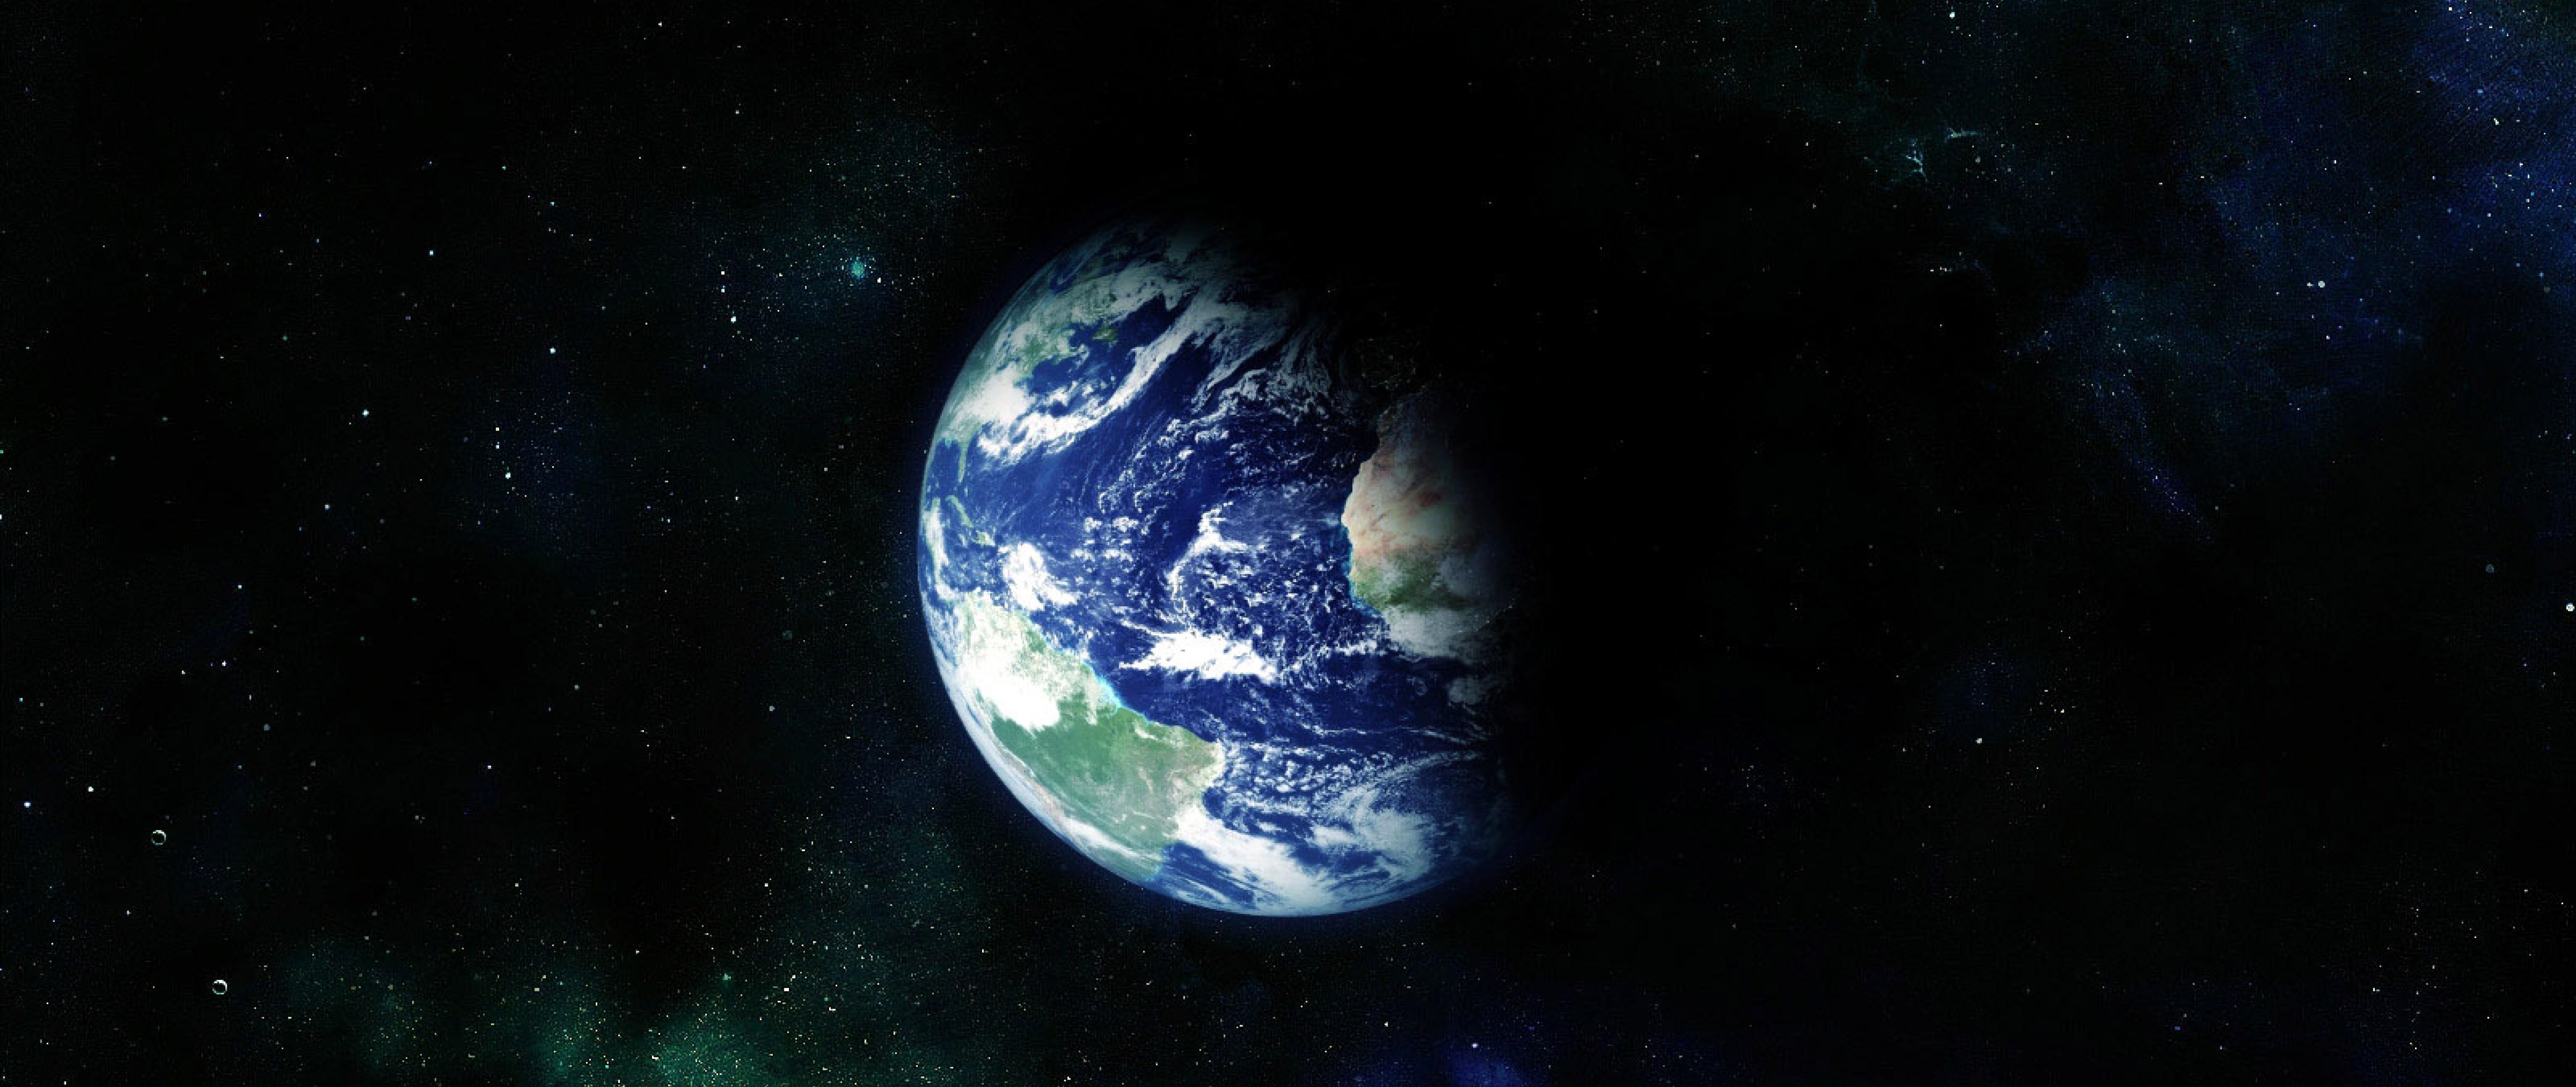 Outer Space Earth Hd Wallpaper 4k Ultra Hd Wide Tv Hd Wallpaper Wallpapers Net